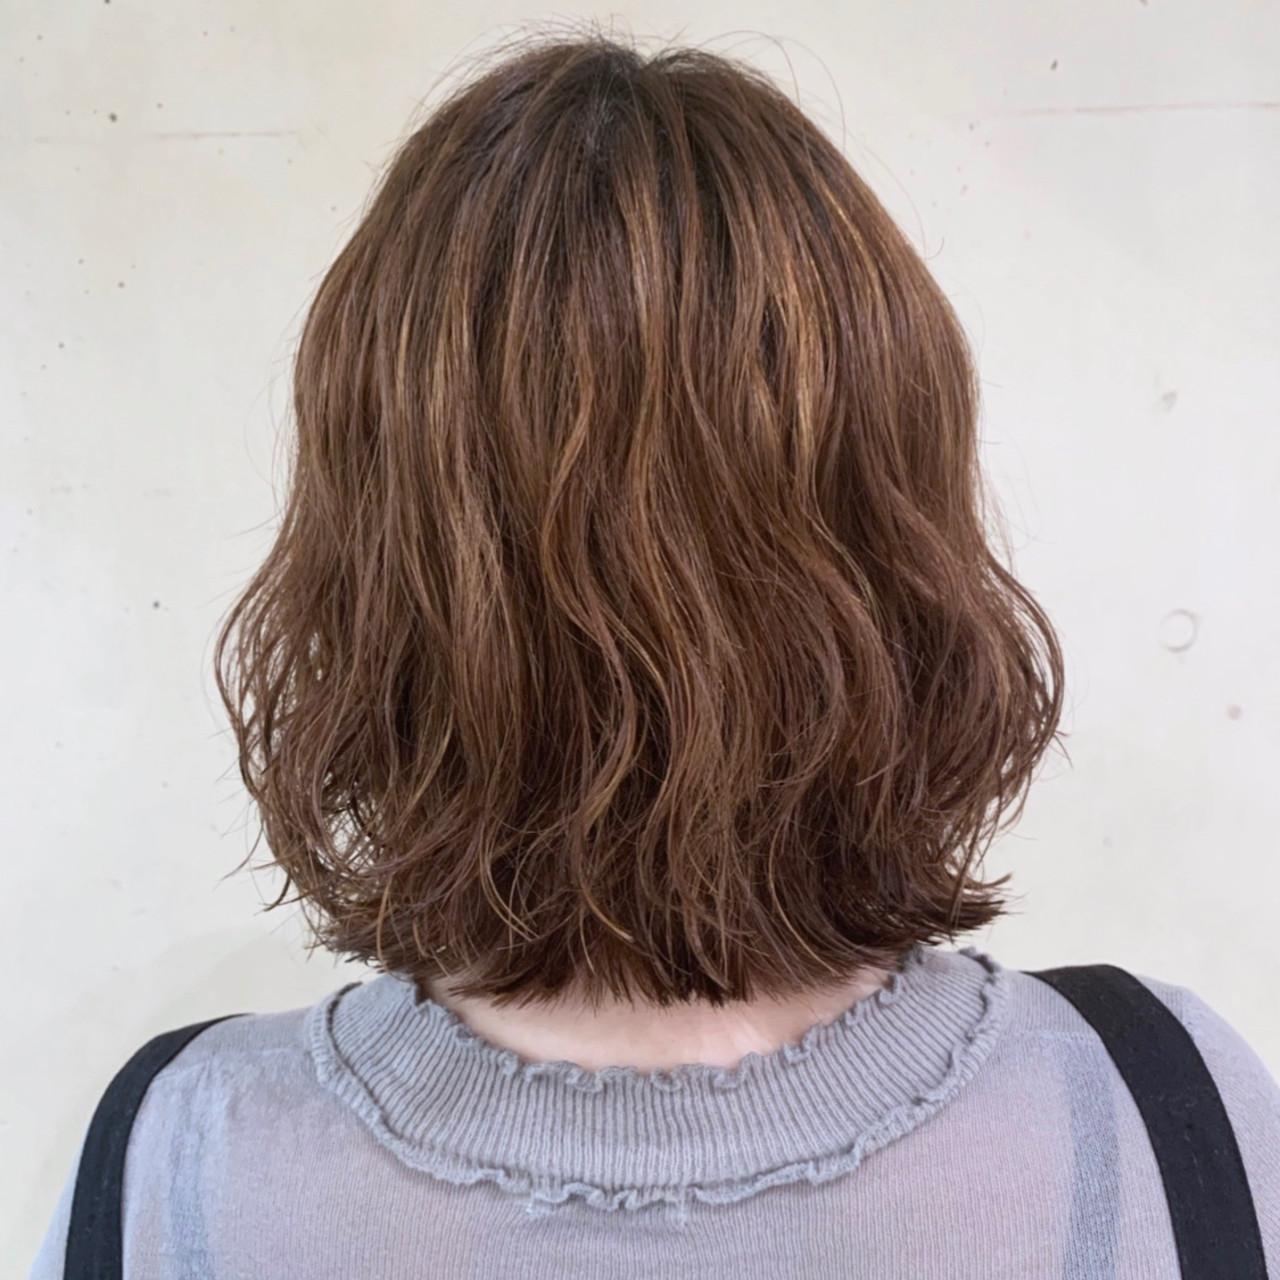 フェミニン 外ハネボブ 波ウェーブ コテ巻き風パーマ ヘアスタイルや髪型の写真・画像